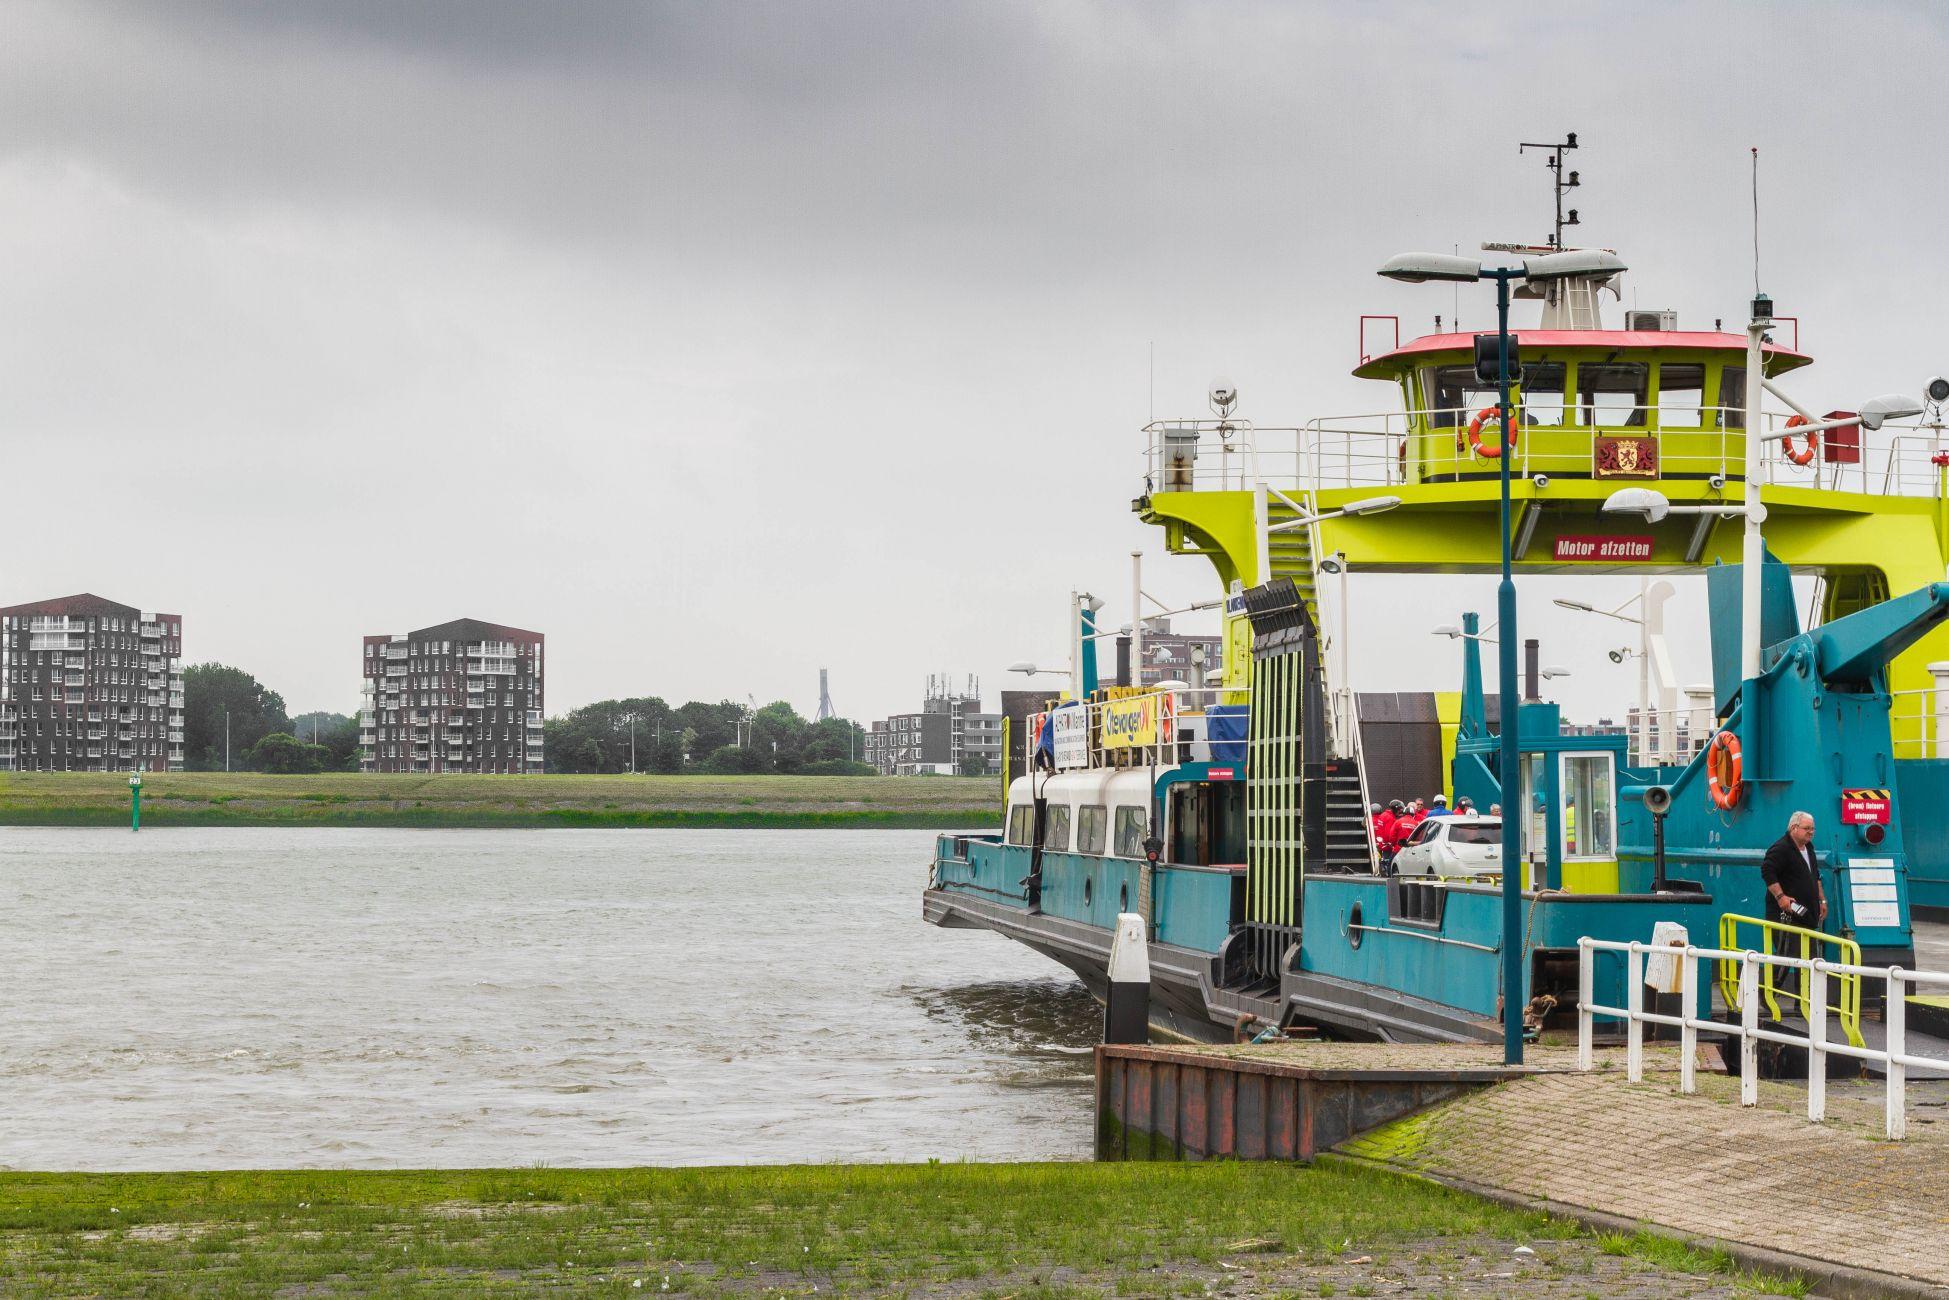 Veerboot Staeldiep voor reparatie naar Schiedam